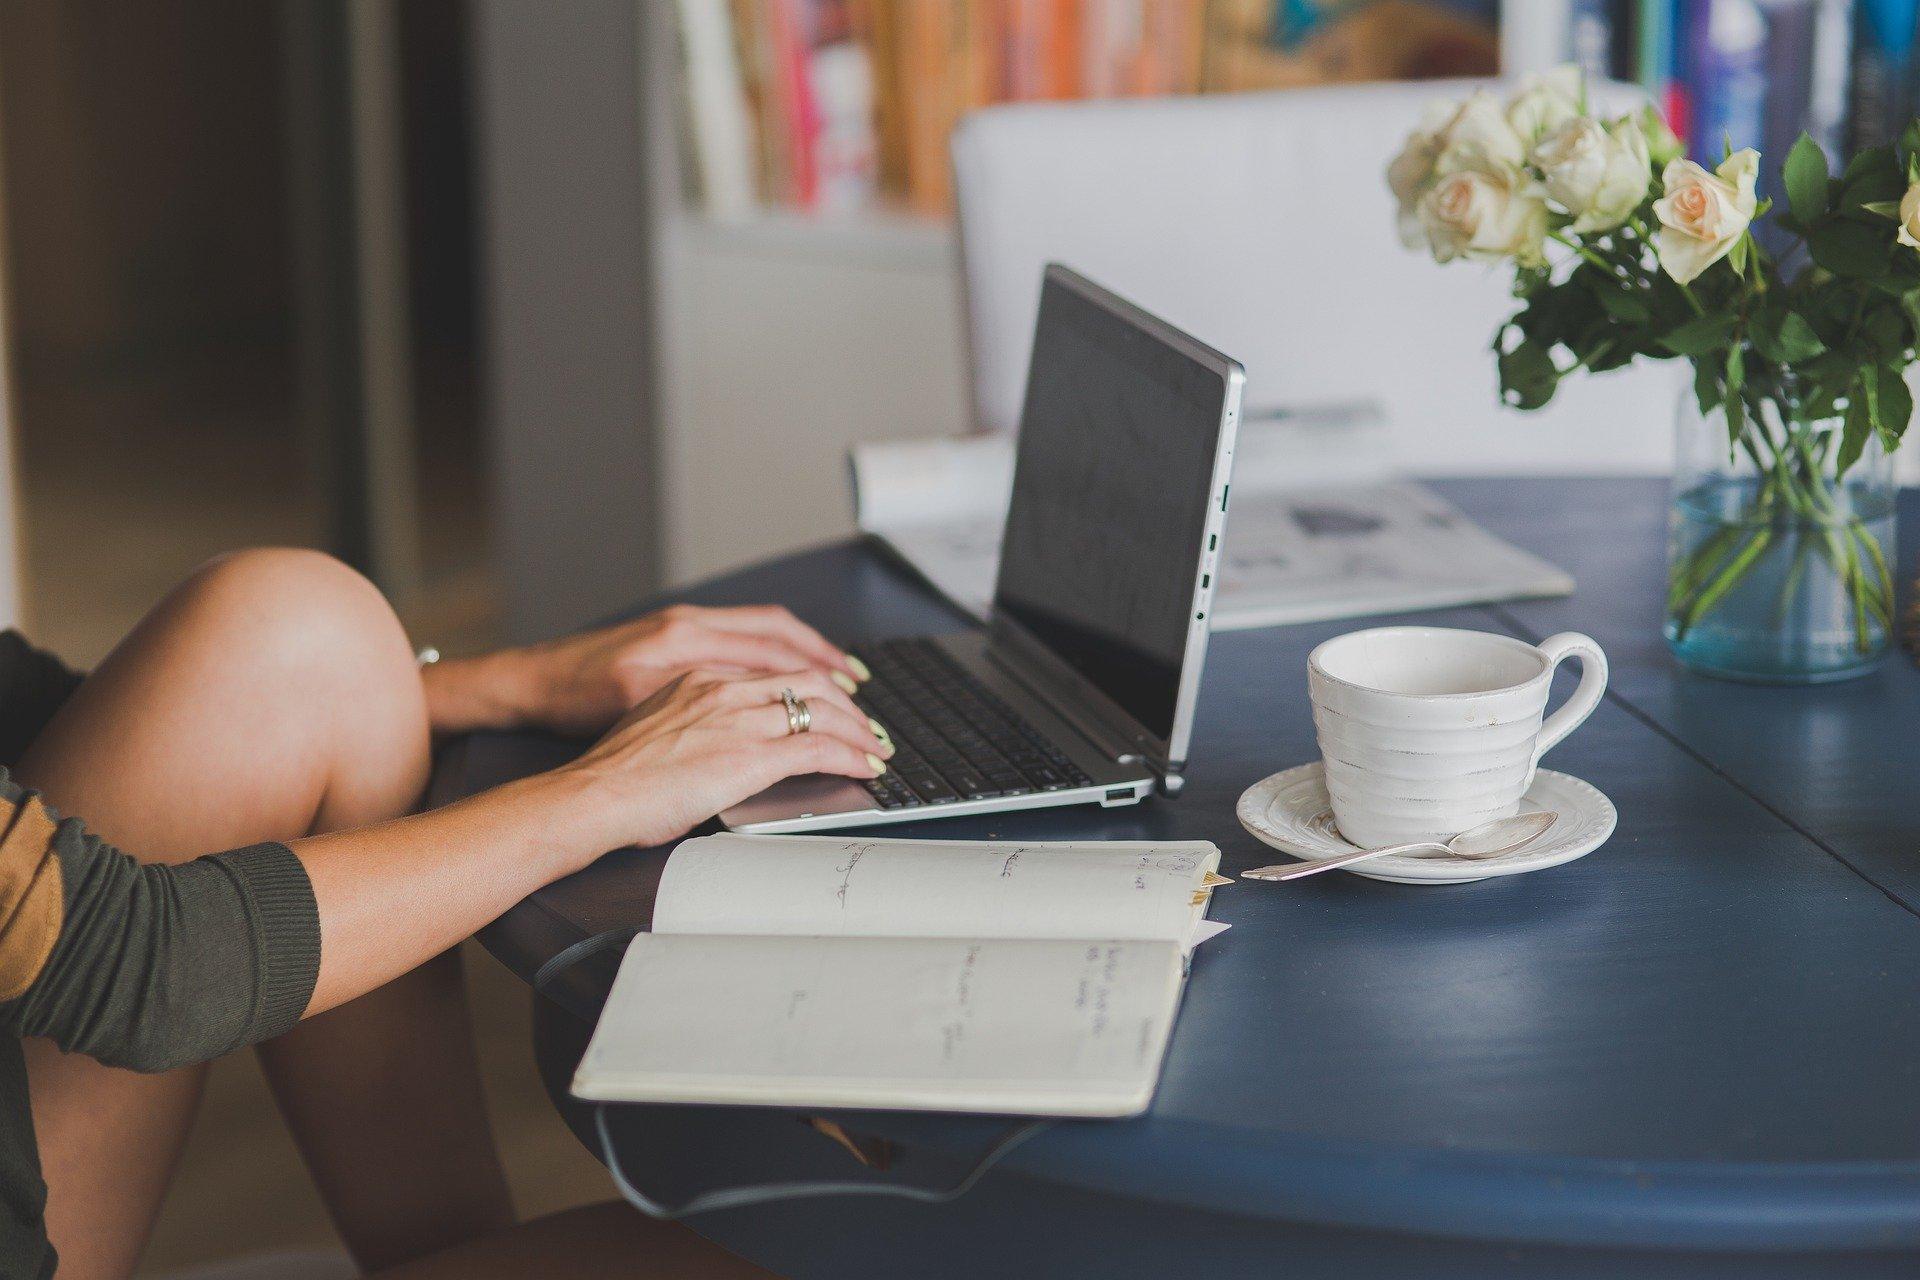 Los brazos de una chica buscando en un ordenador información sobre el autónomo societario con una taza y una libreta al lado